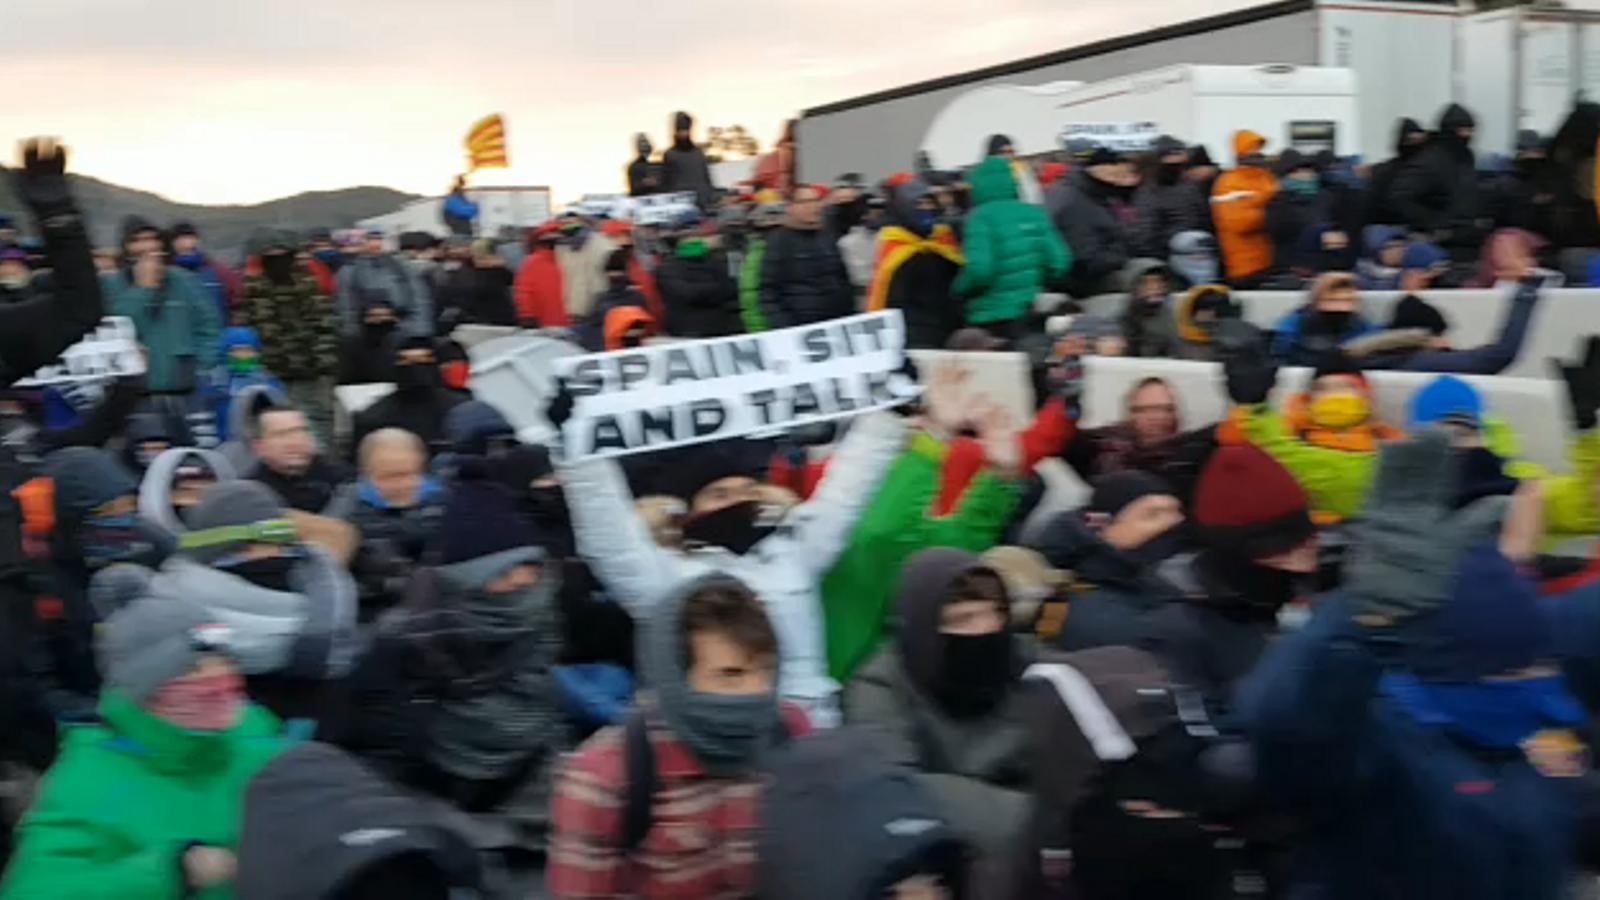 La policia francesa comença a desallotjar els manifestants a la Jonquera